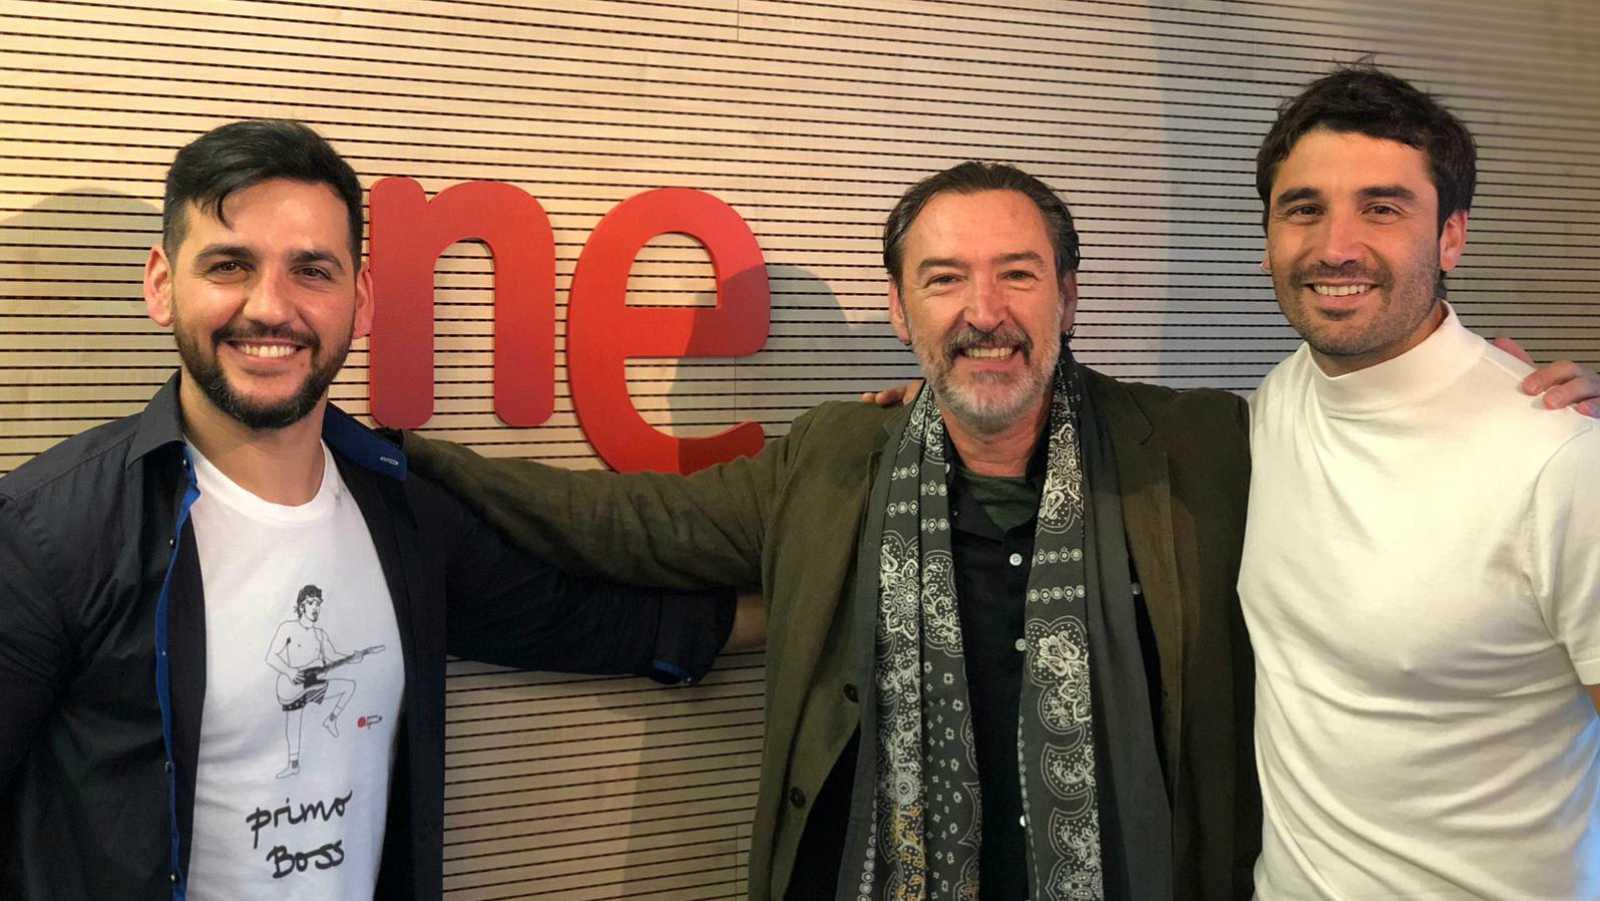 La sala - ¿Qué tienen en común Ginés García Millán, José Luis García Pérez, Raúl Prieto, Fran Perea y Álex García? - 14/10/18 - Escuchar ahora